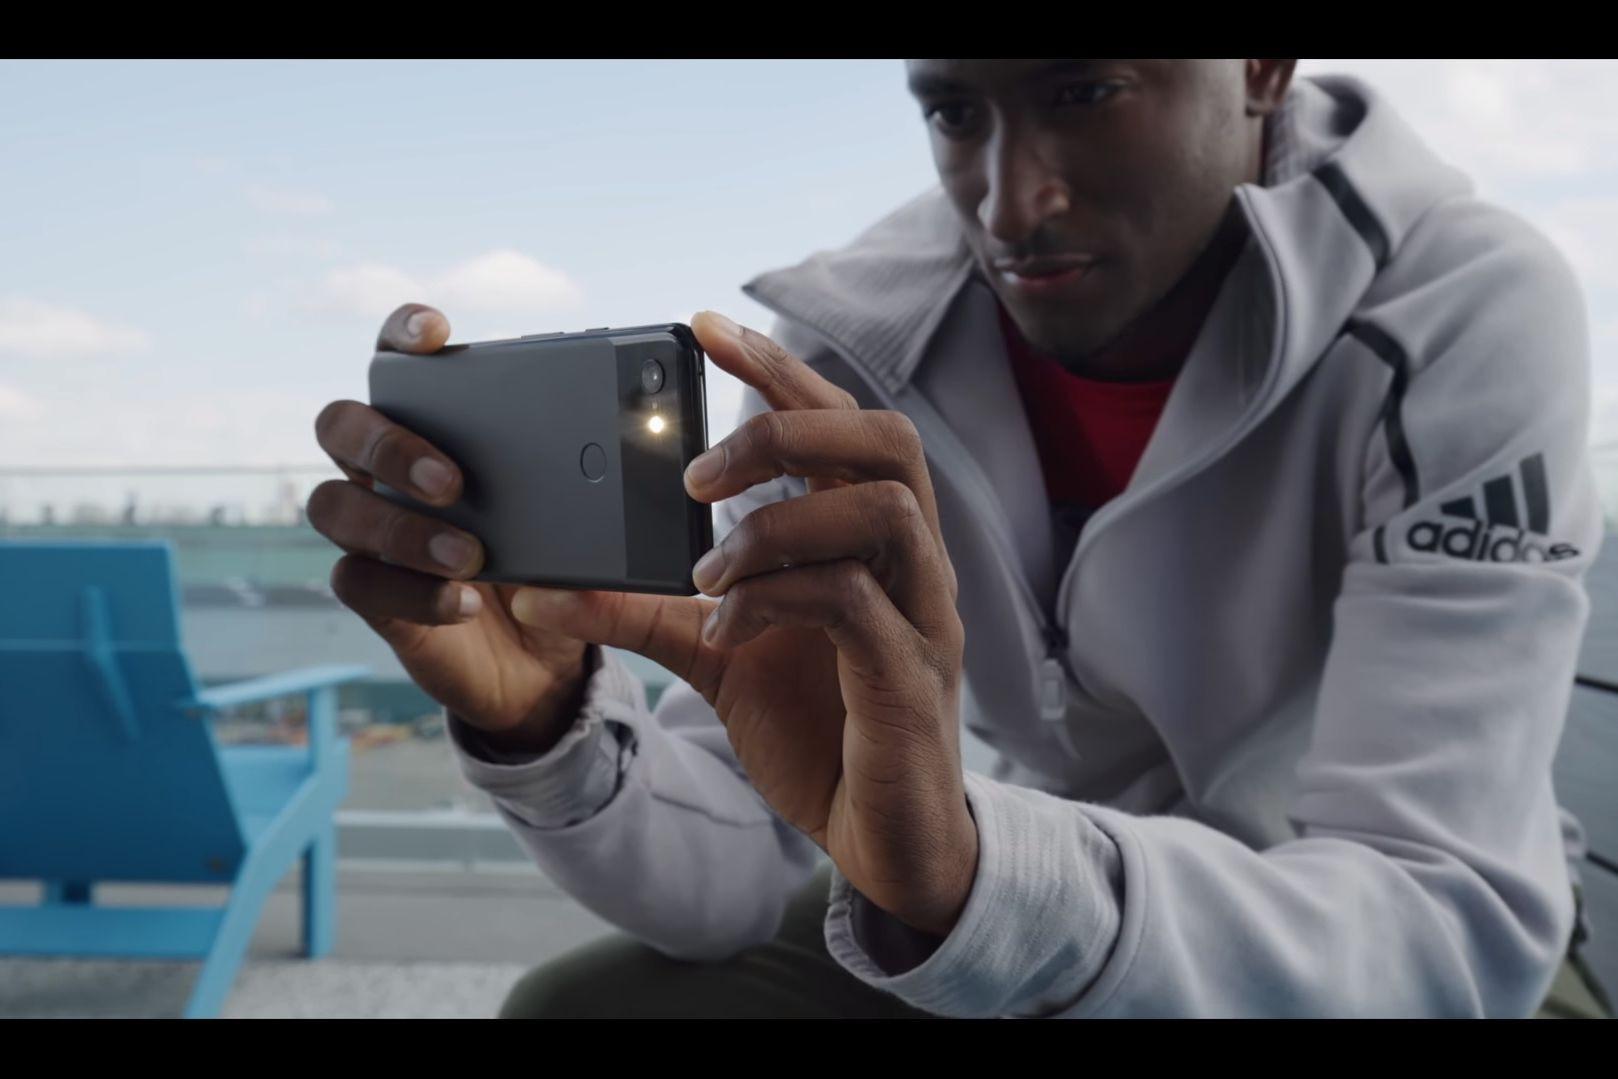 O derradeiro teste. Eis o smartphone de 2018 com a melhor câmara